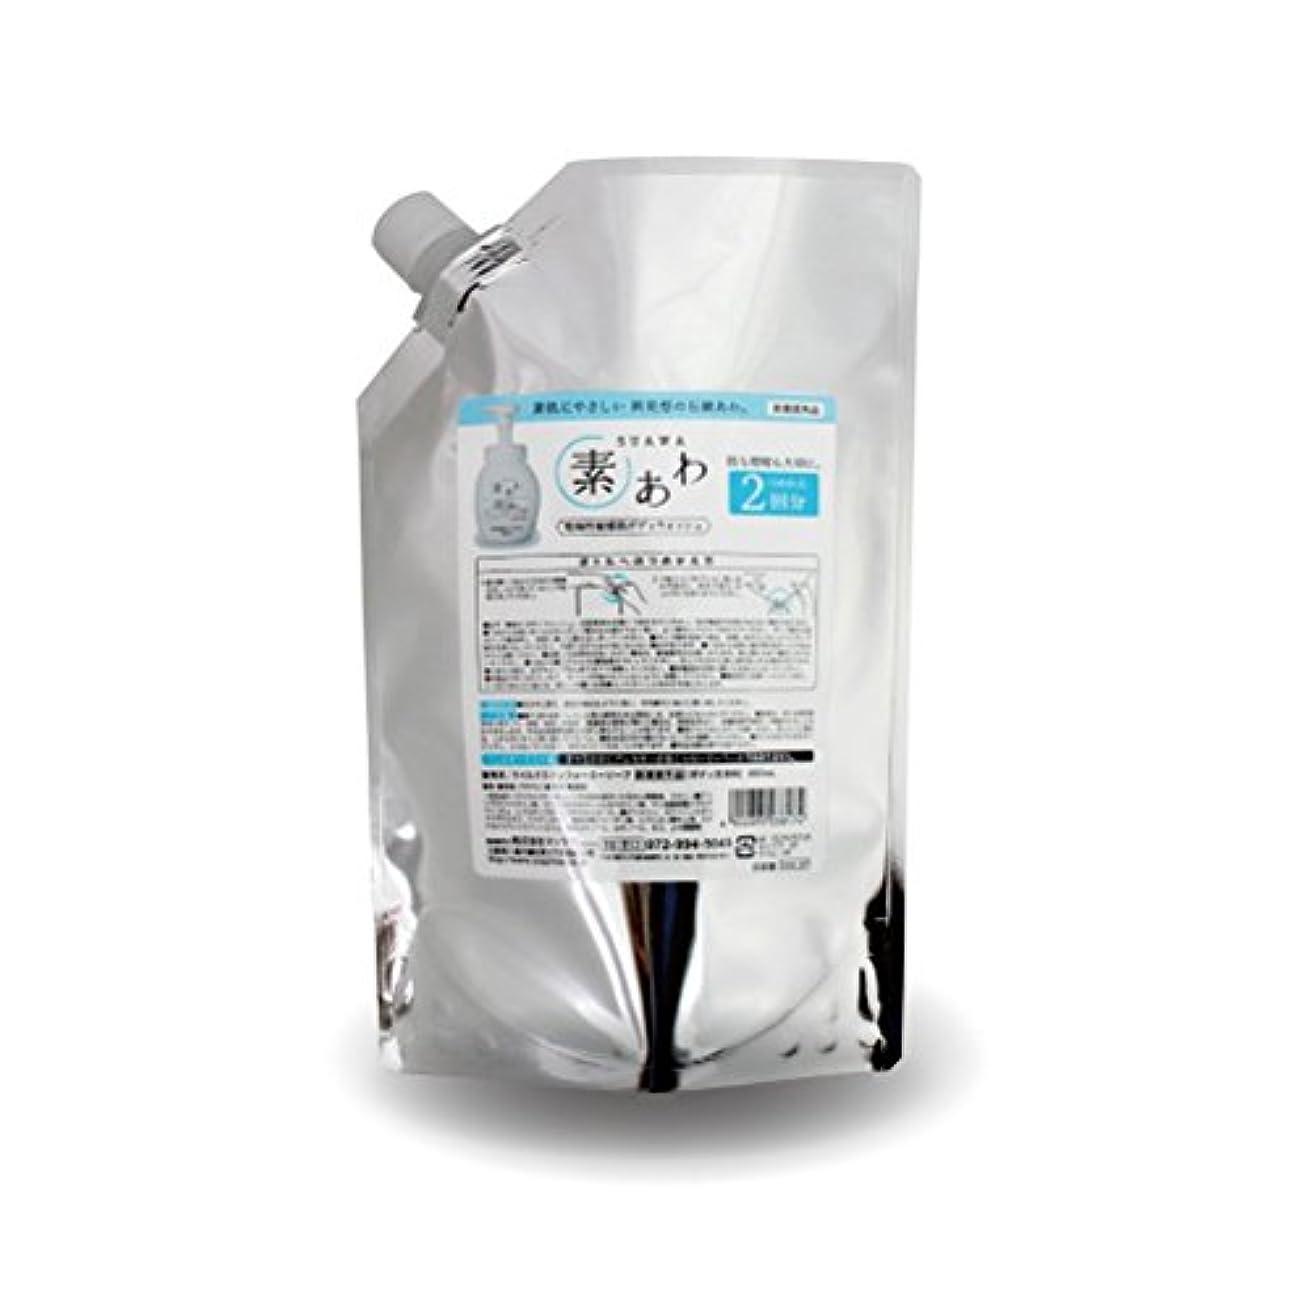 慣性情熱逮捕薬用 素あわ 泡タイプ ボディソープ 詰替2回分パウチ 800mL 乾 燥 肌 ? 敏 感 肌 に